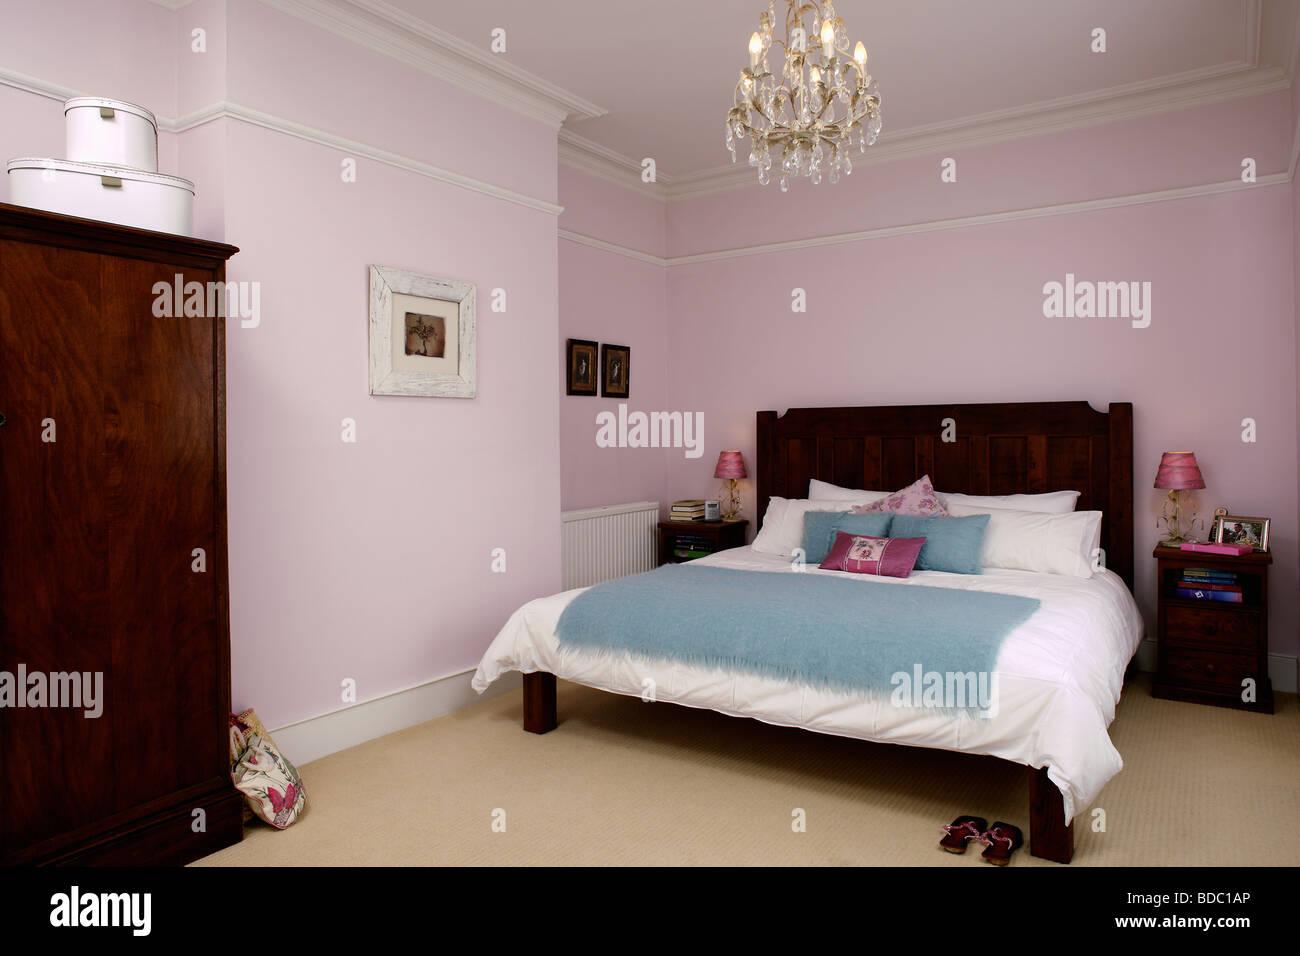 Chandelier En Bois Lit Avec Draps De Lit Blancs Et Turquoise Le Jet Dans  Une Chambre Rose Pastel